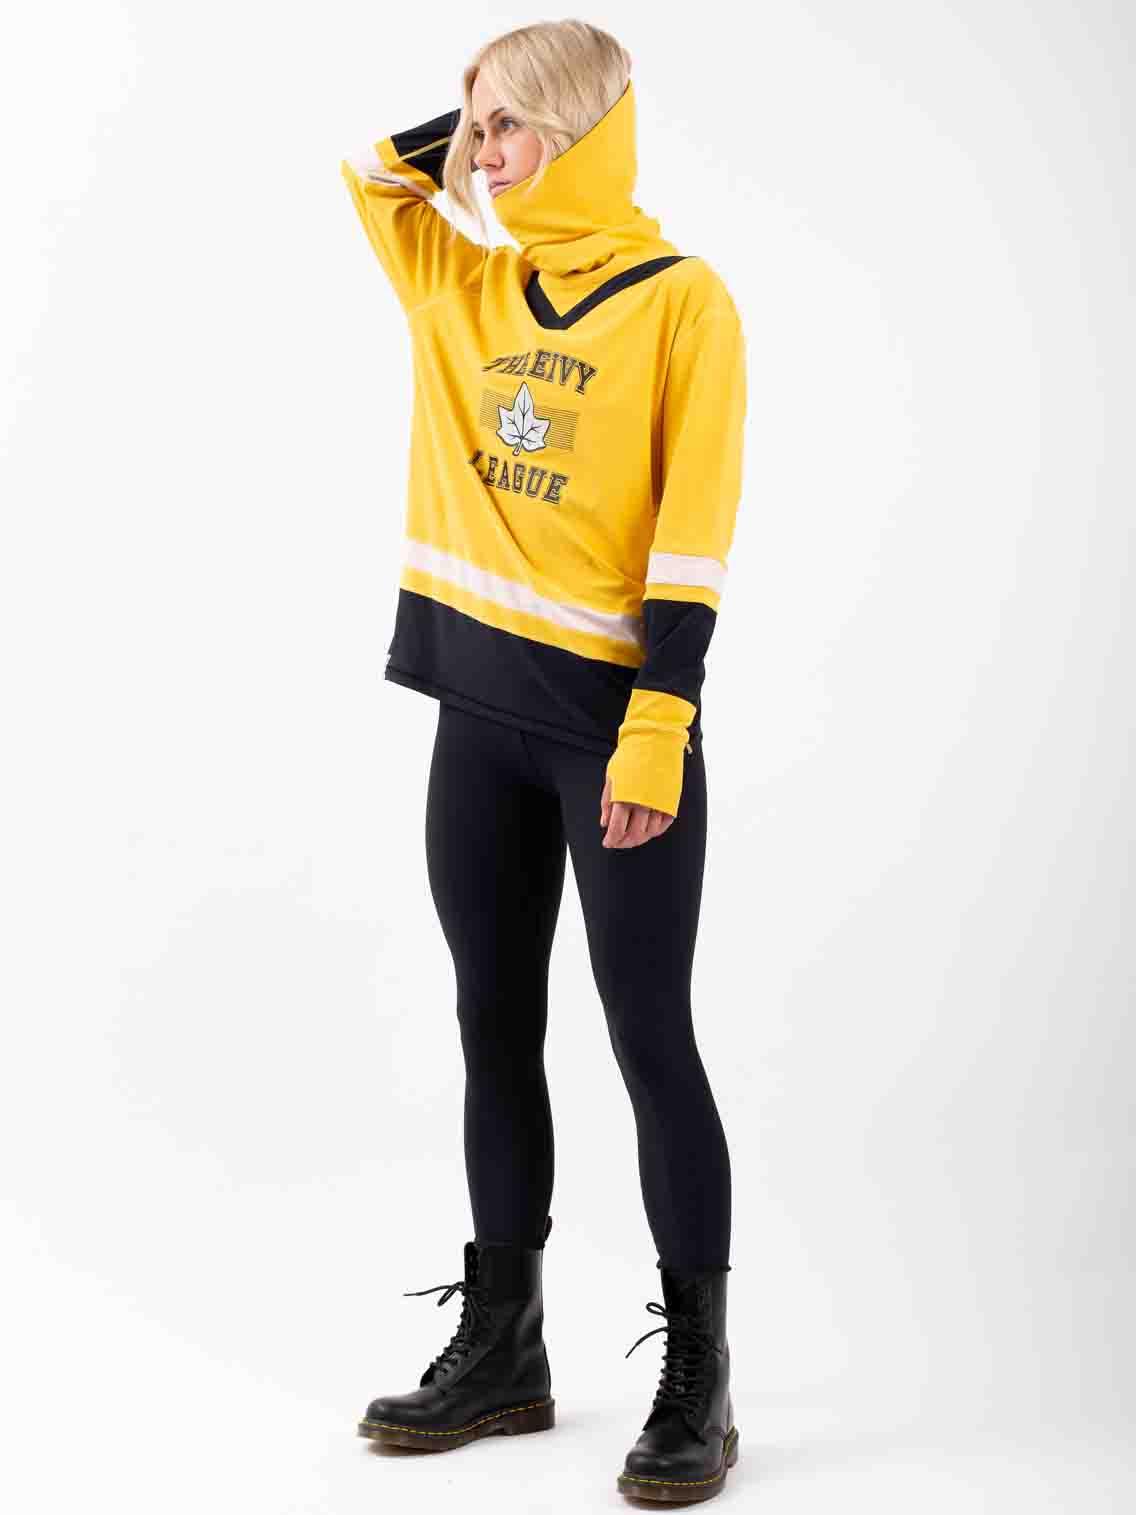 Eivy 21/22 Women's Outerwear